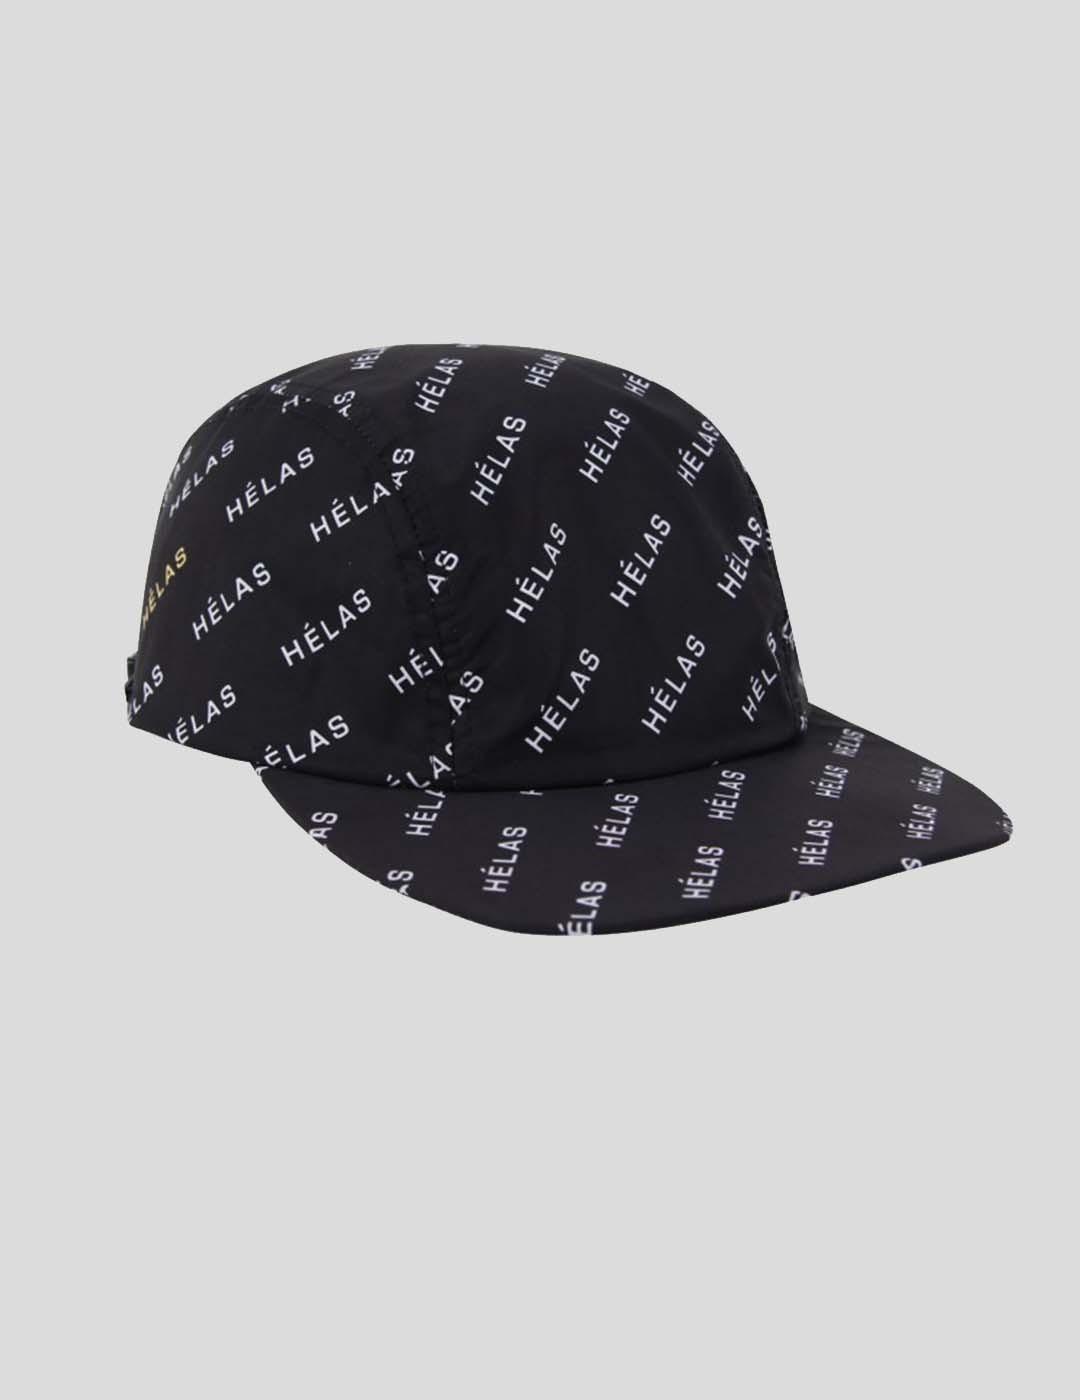 GORRA HÉLAS TYPOCAL CAP BLACK